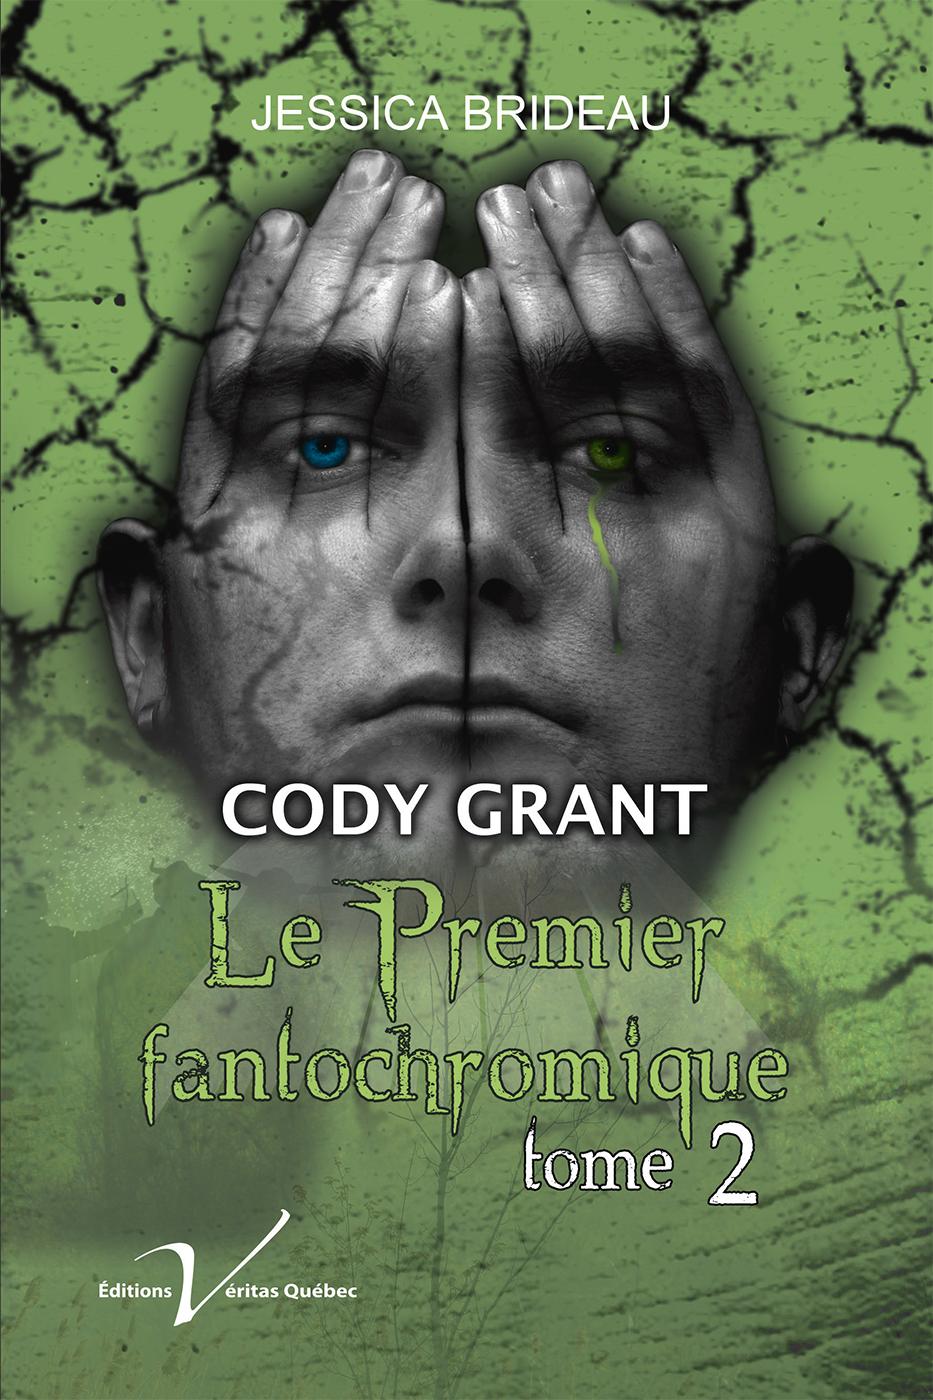 Cody Grant, le premier fantochromique, tome 2